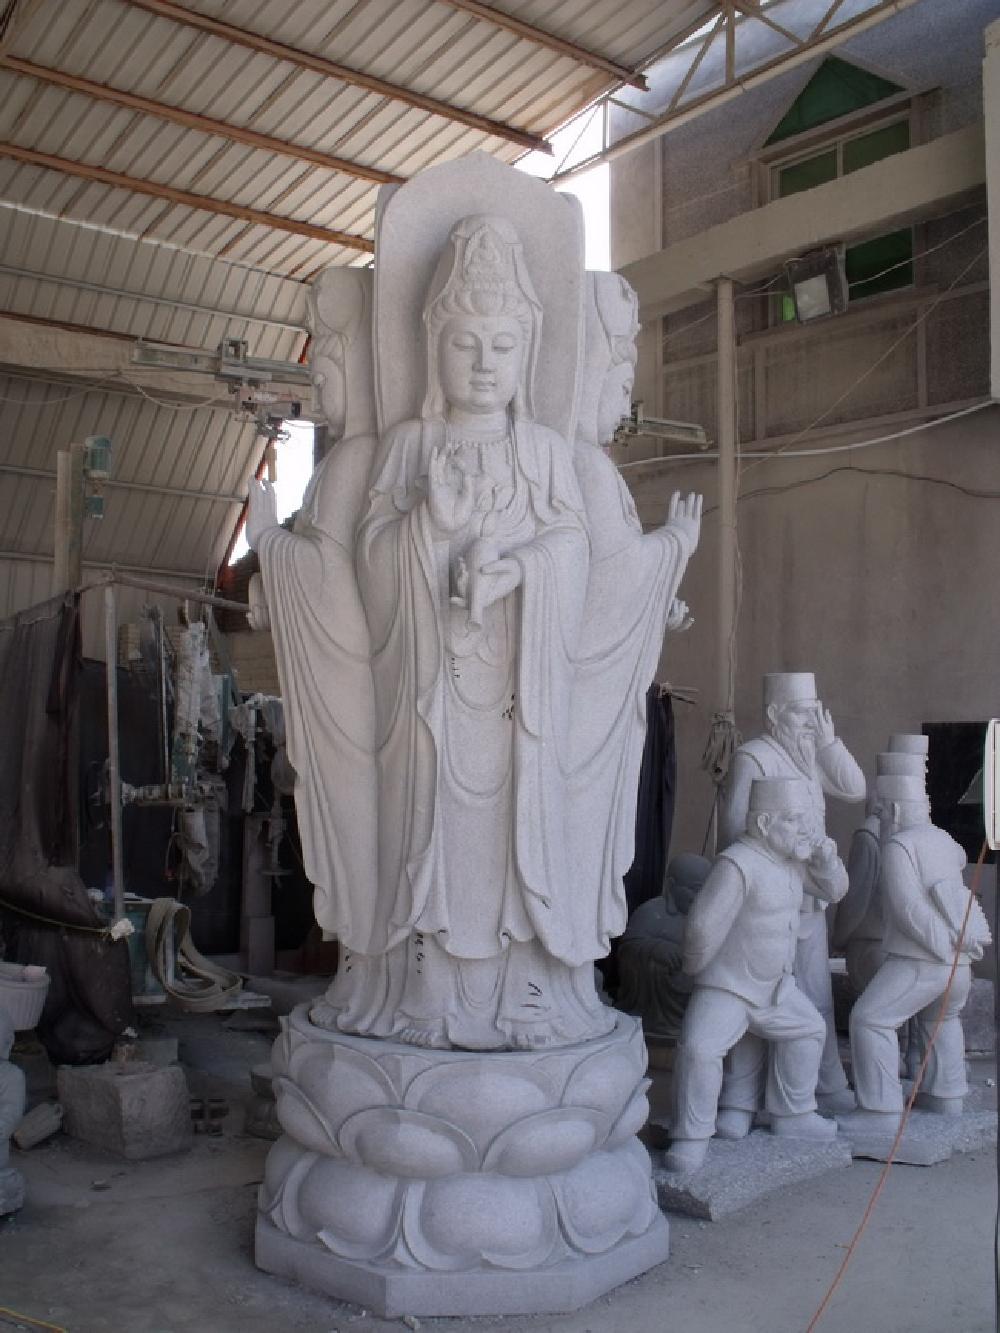 三面观音石雕塑像生产厂家,三面观音石雕塑像,三面观音石雕像,石雕菩萨像,石雕观音像,雕塑,佛像雕塑,观音像雕塑,菩萨像雕塑